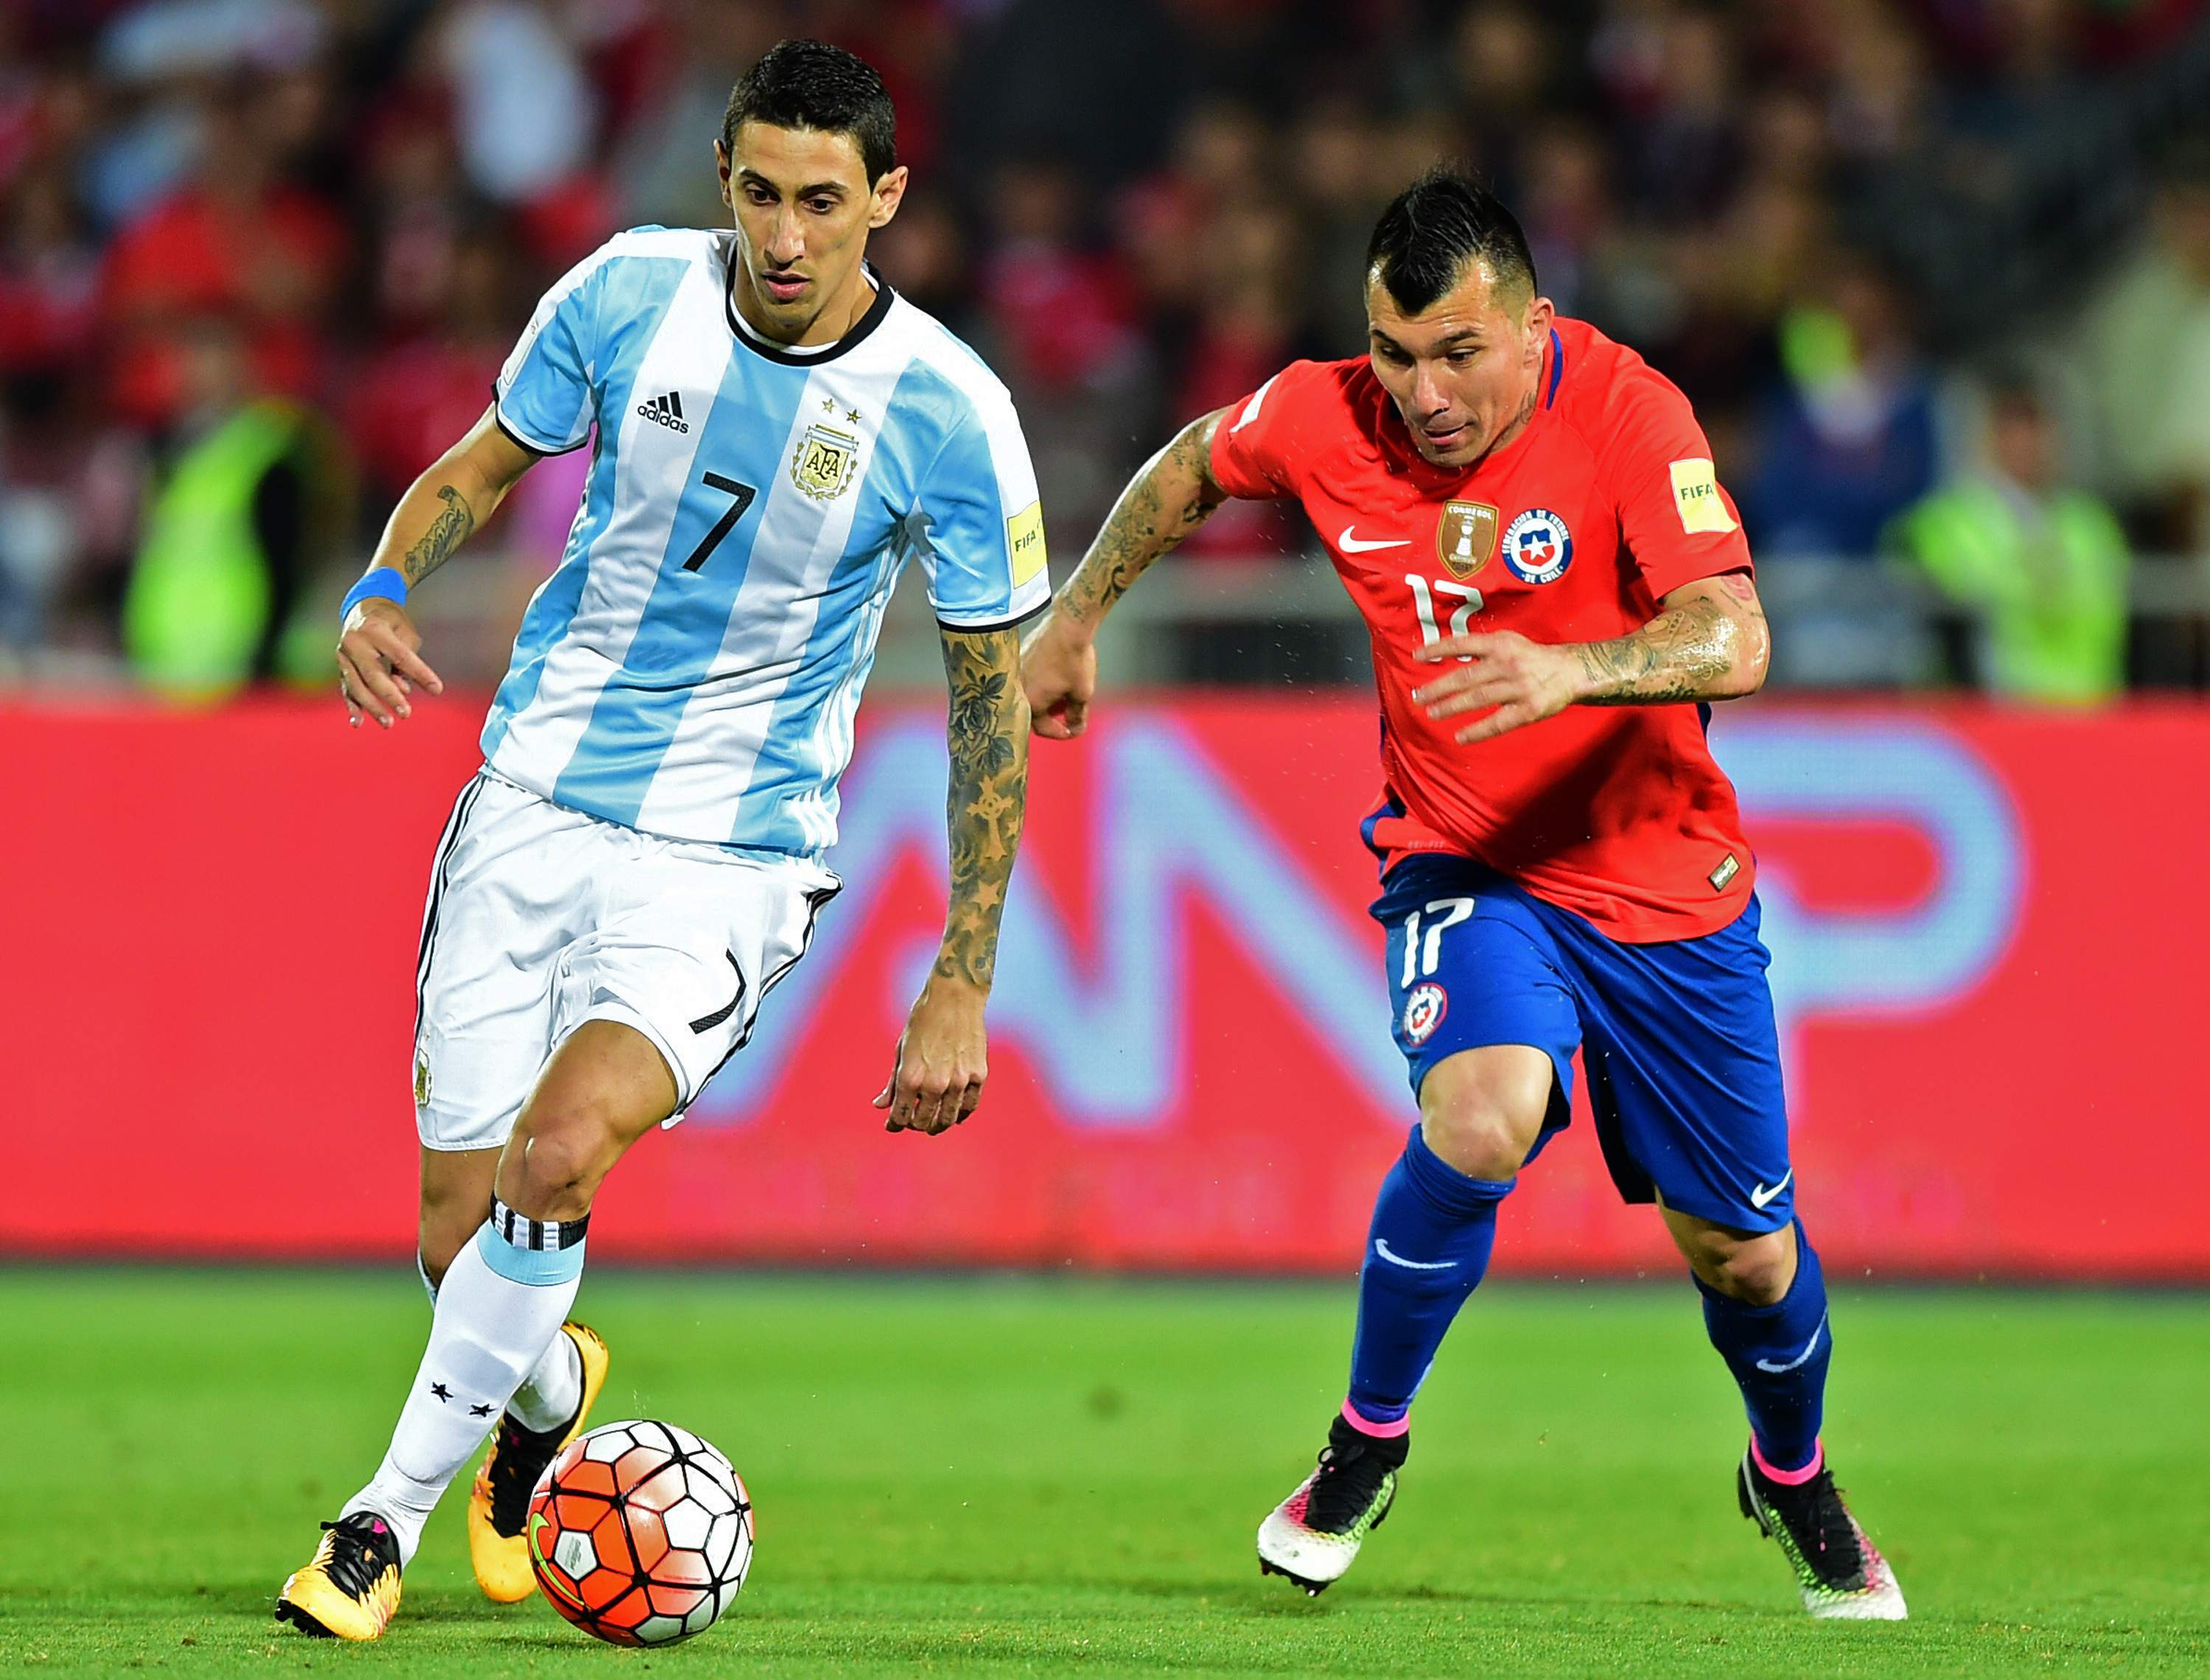 Сборная Аргентины с минимальным счетом победила сборную Чили